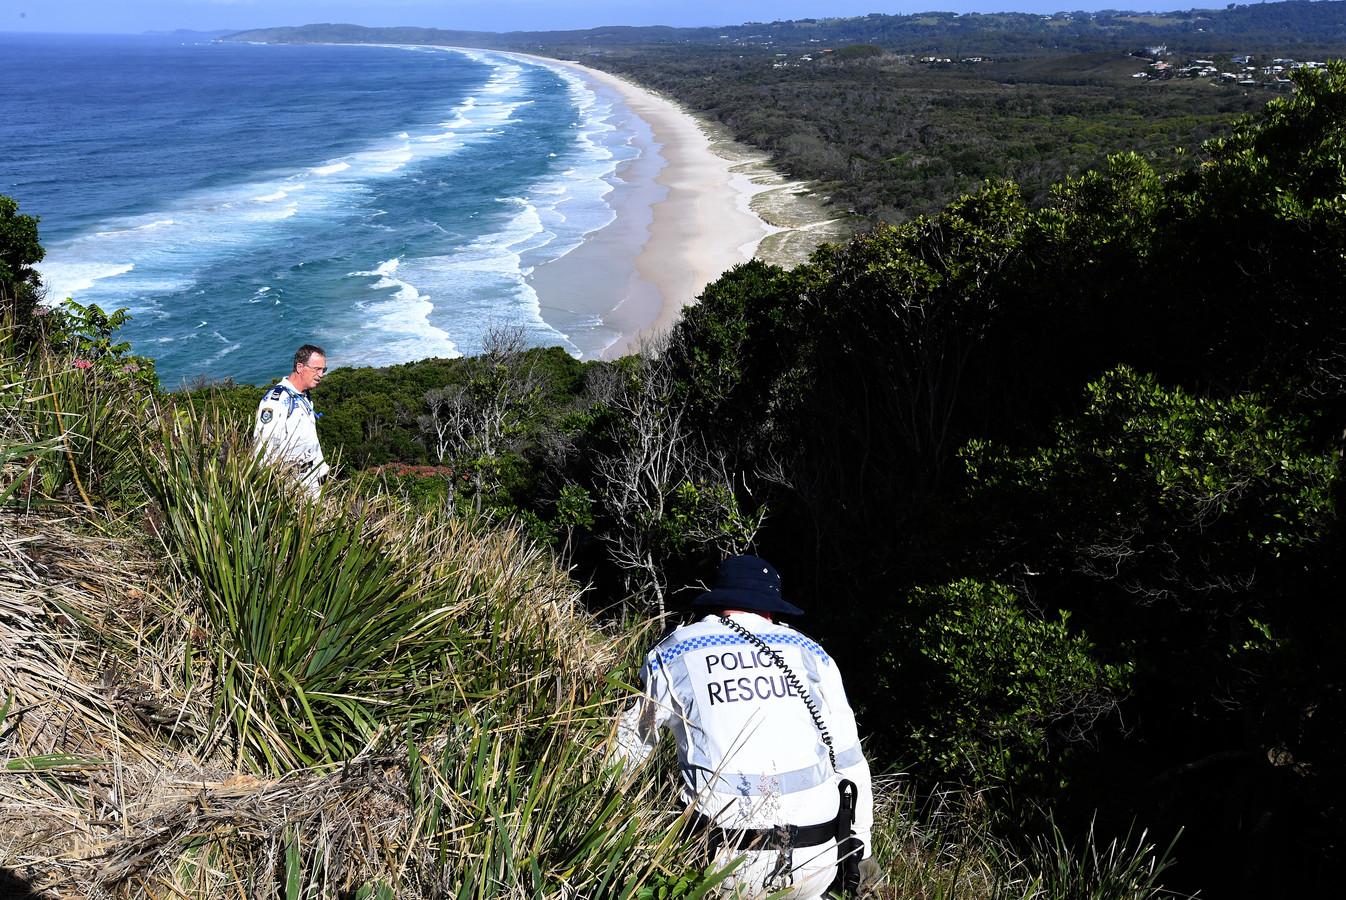 Politie zoekt naar Théo Hayez in het uitgestrekt gebied rond Cape Byron.